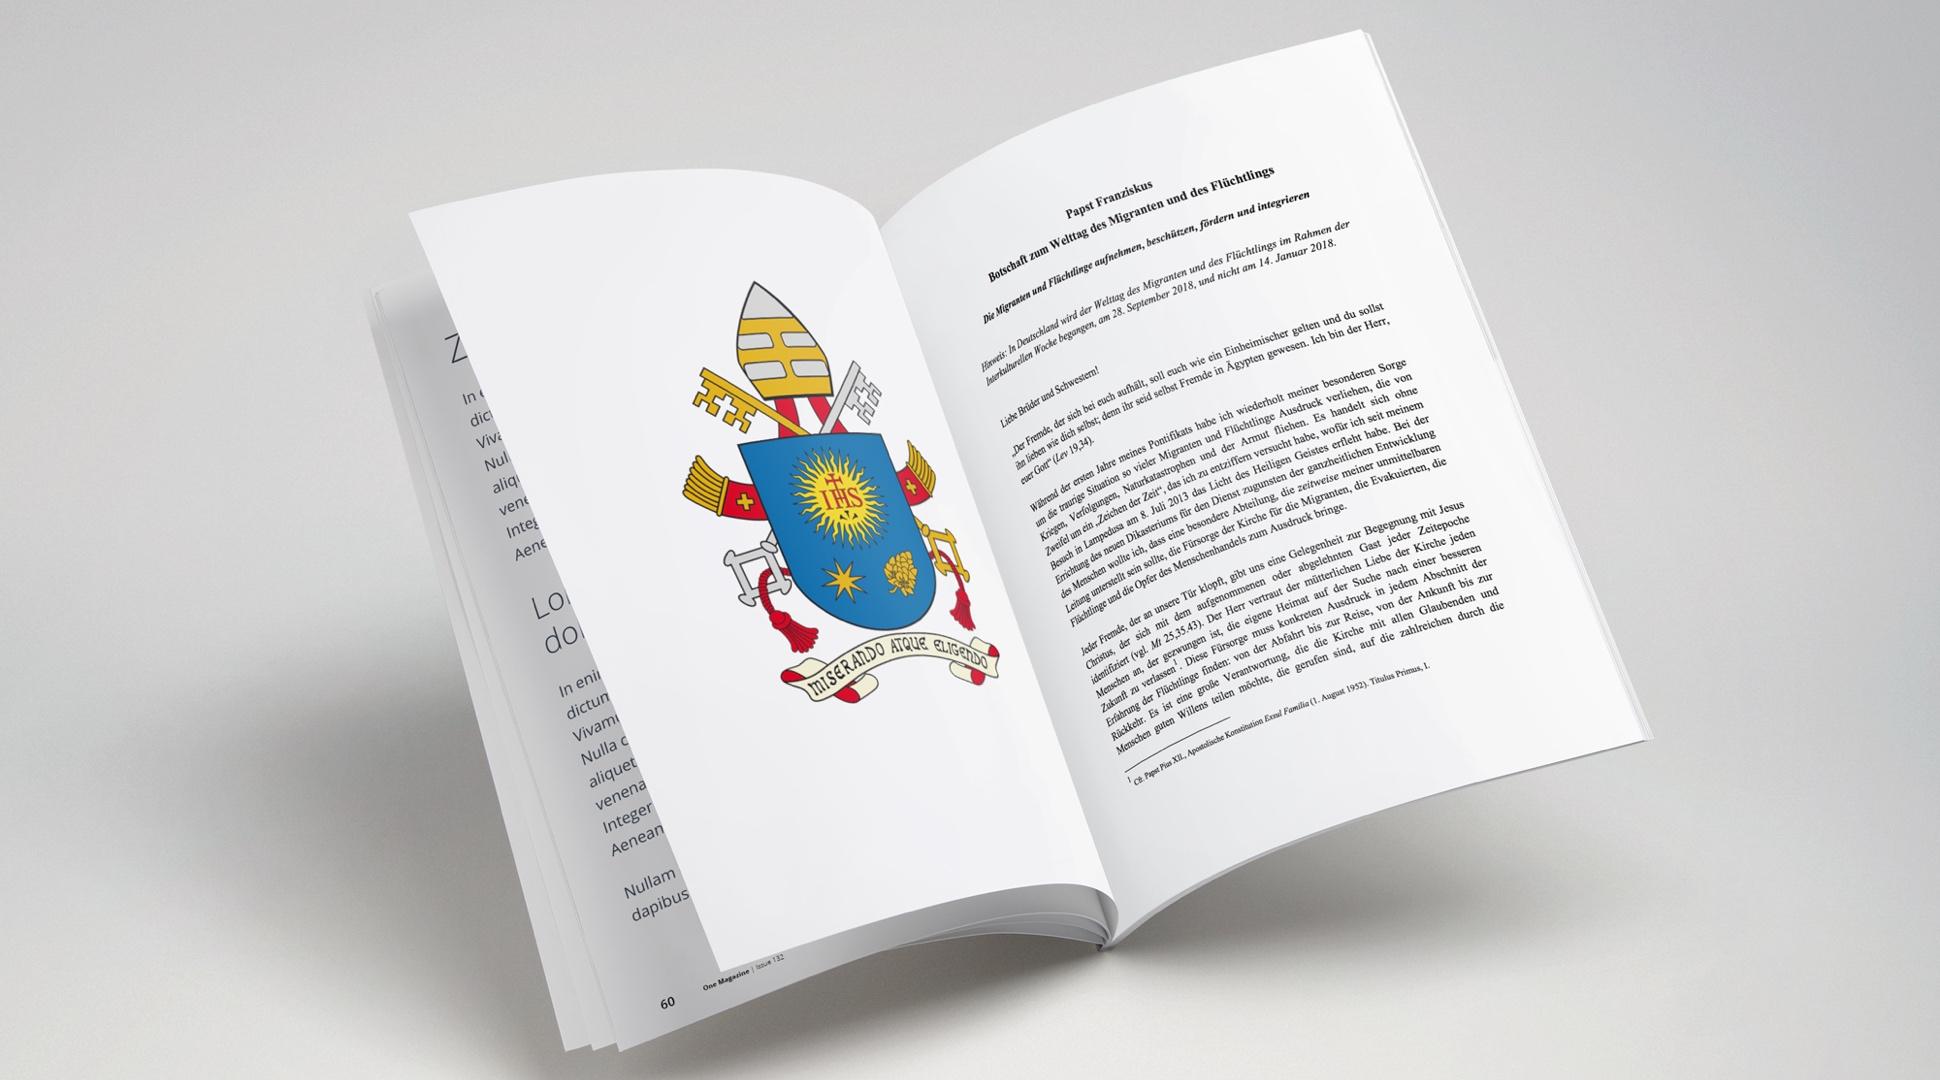 Botschaften – Papst Franziskus